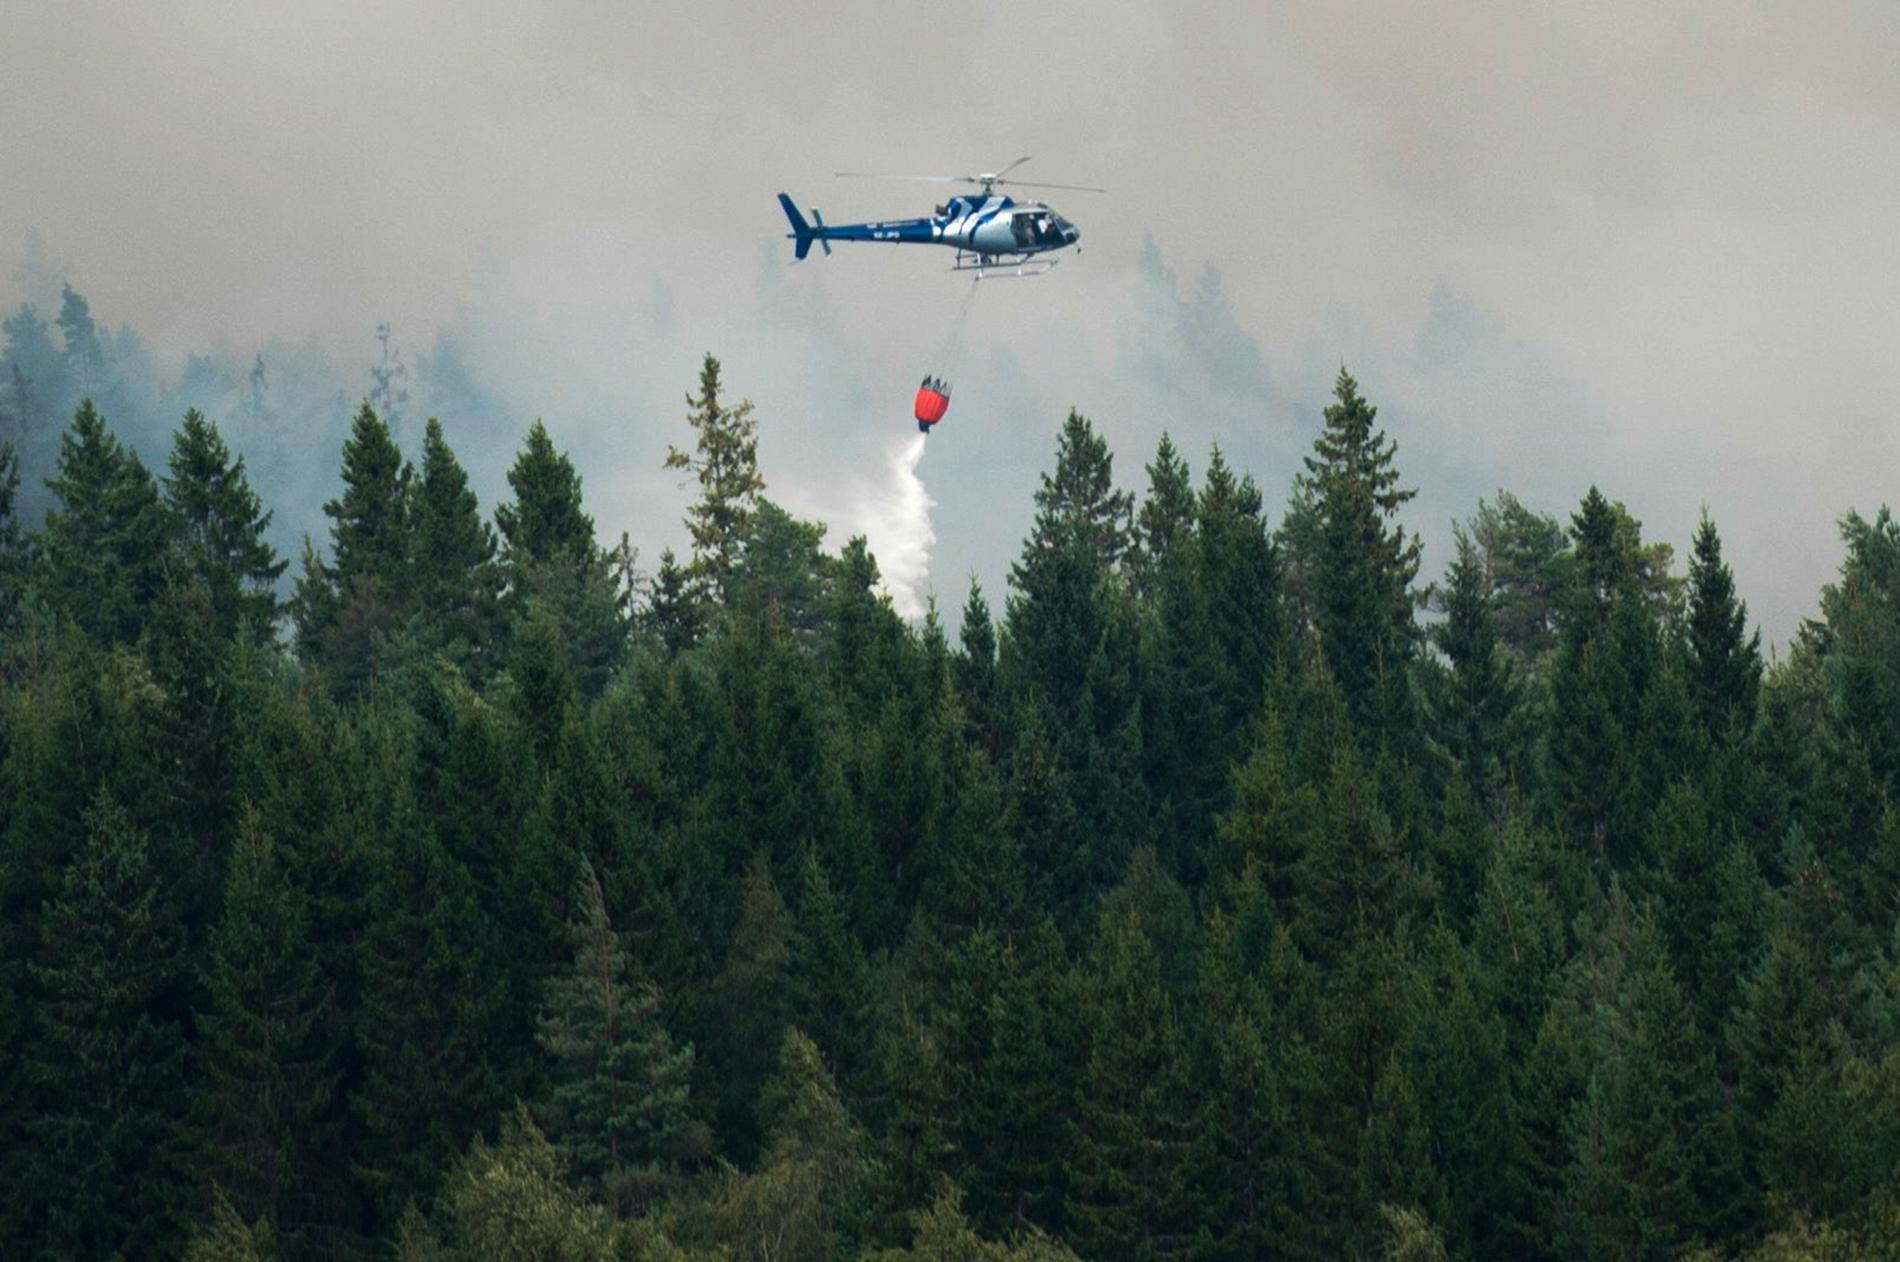 Det har varit problem med den interna kommunikationen under släckningsarbetet av skogsbranden utanför Ånge. Bilden visar släckning av en tidigare skogsbrand.